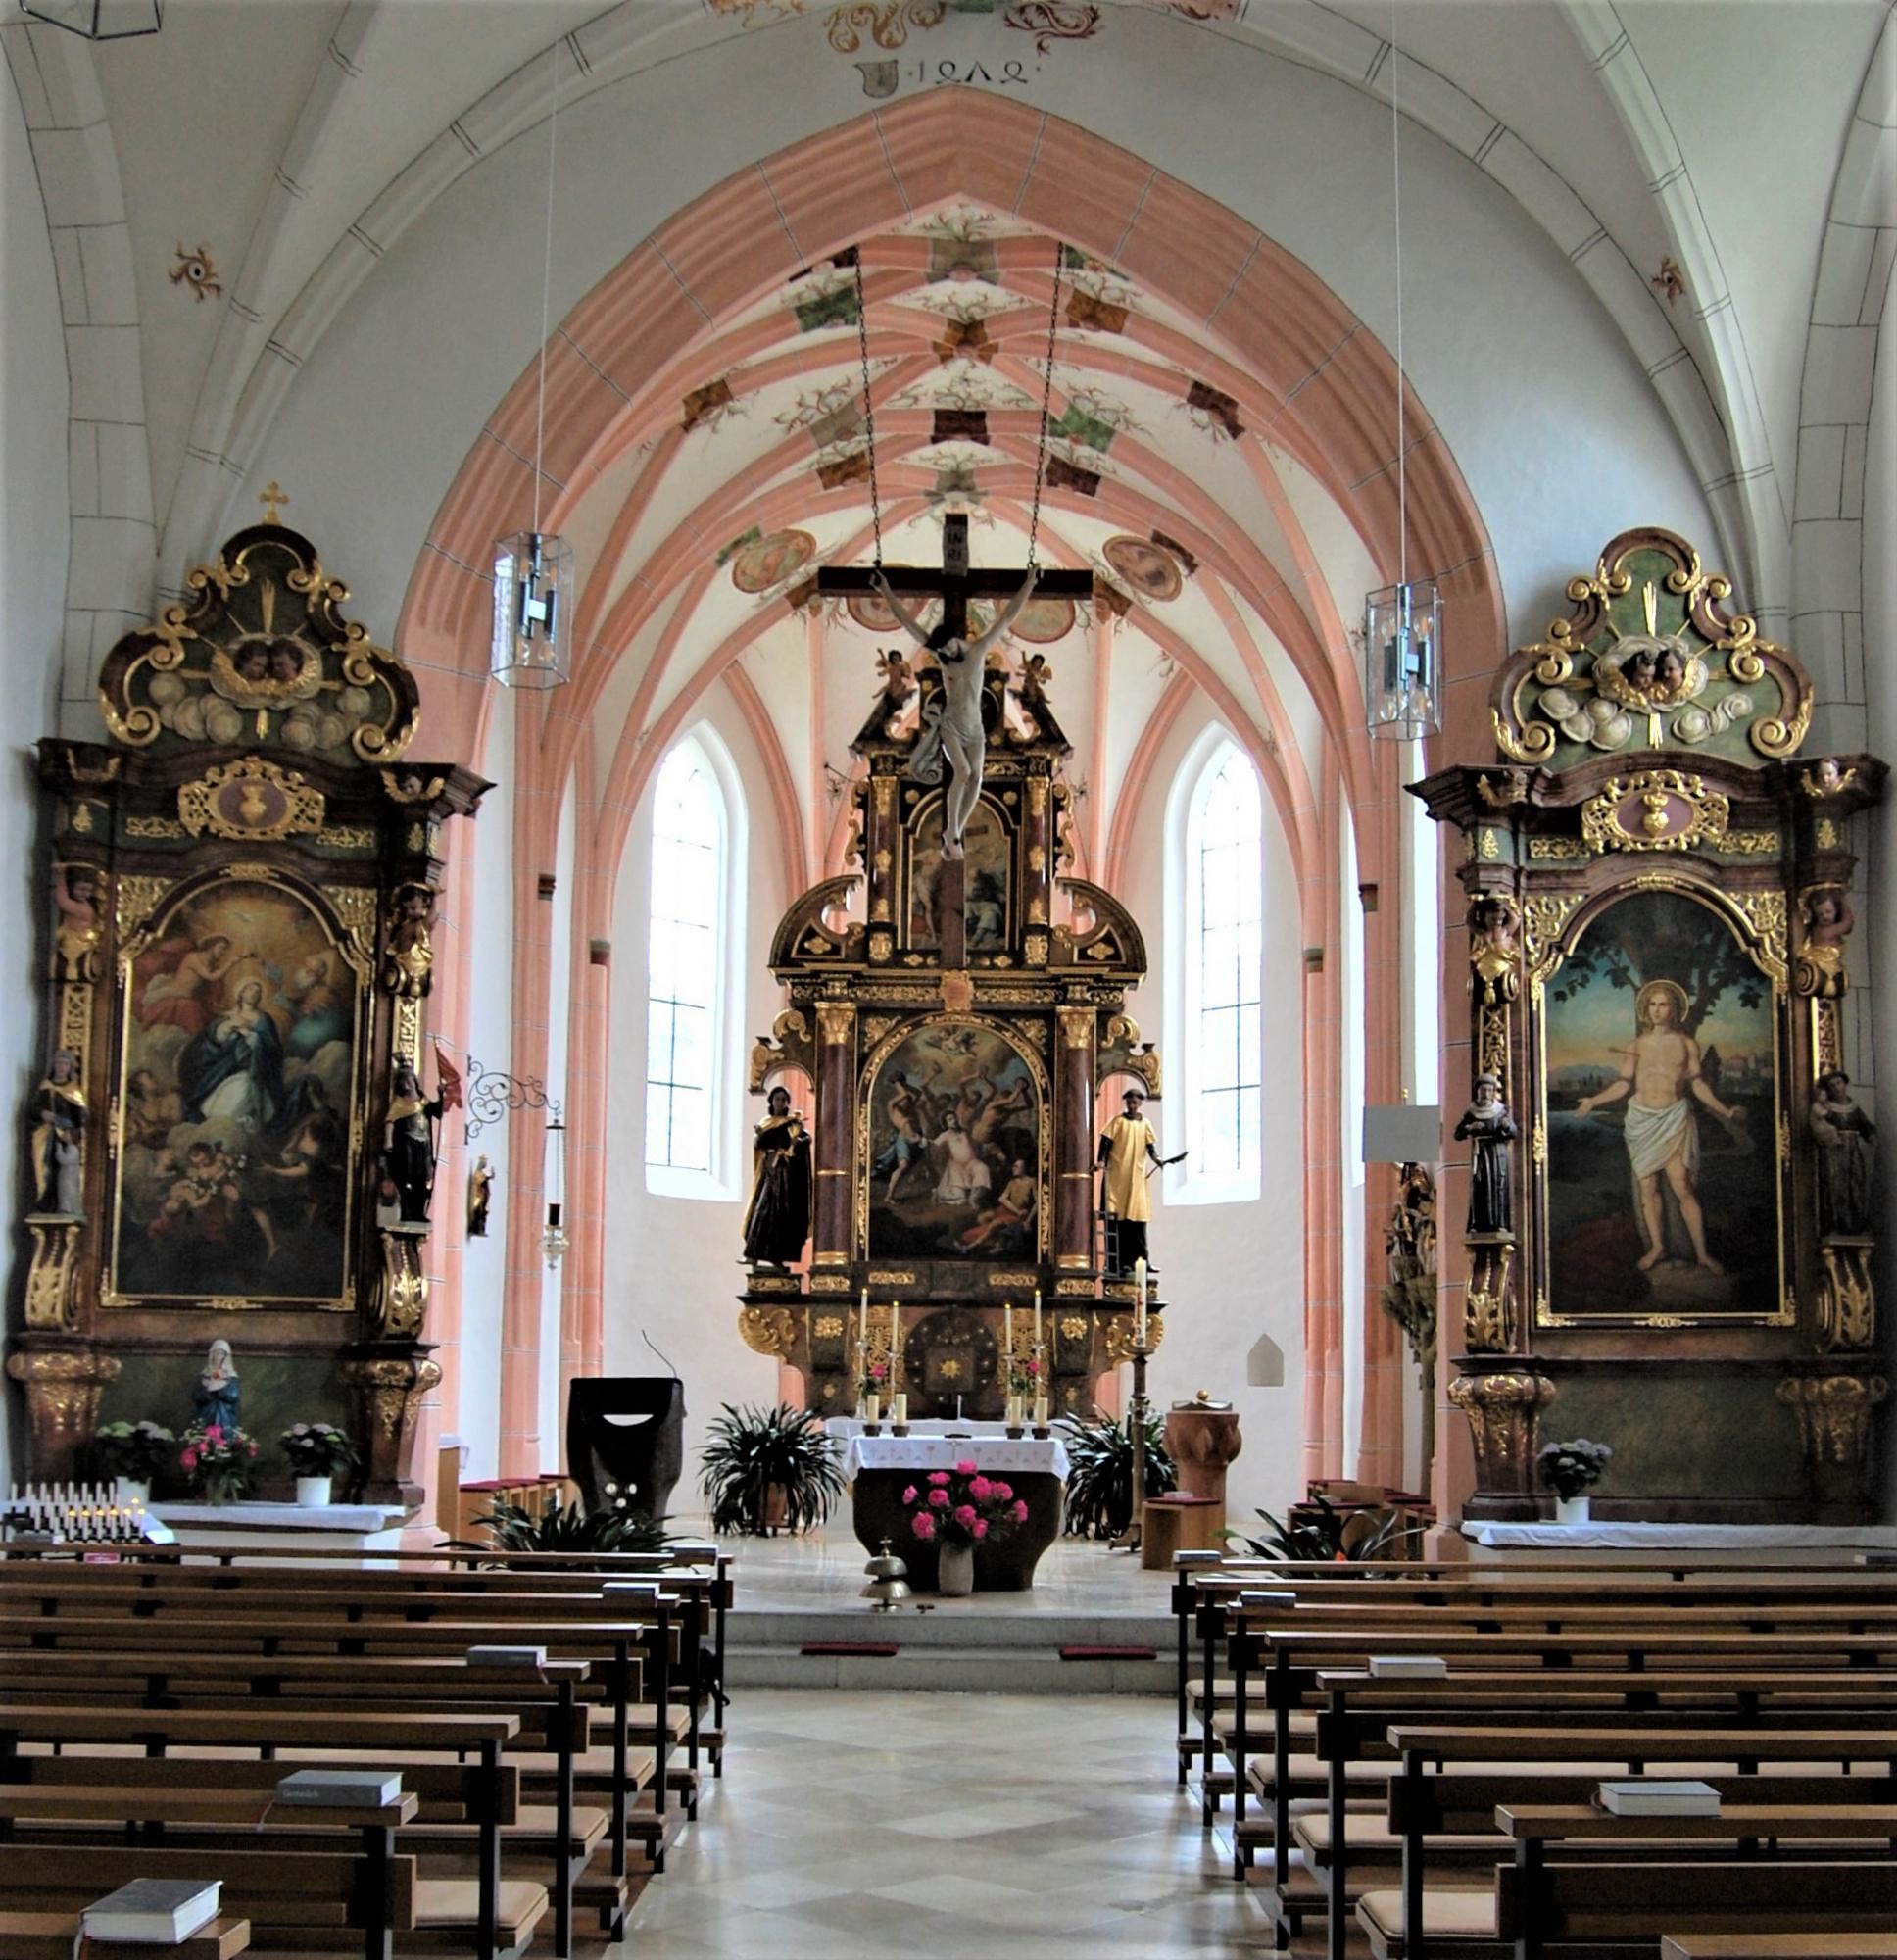 bistumsblatt-baukollektiv-pfarrkirche-sulzbach-am-inn-innenansicht.jpg